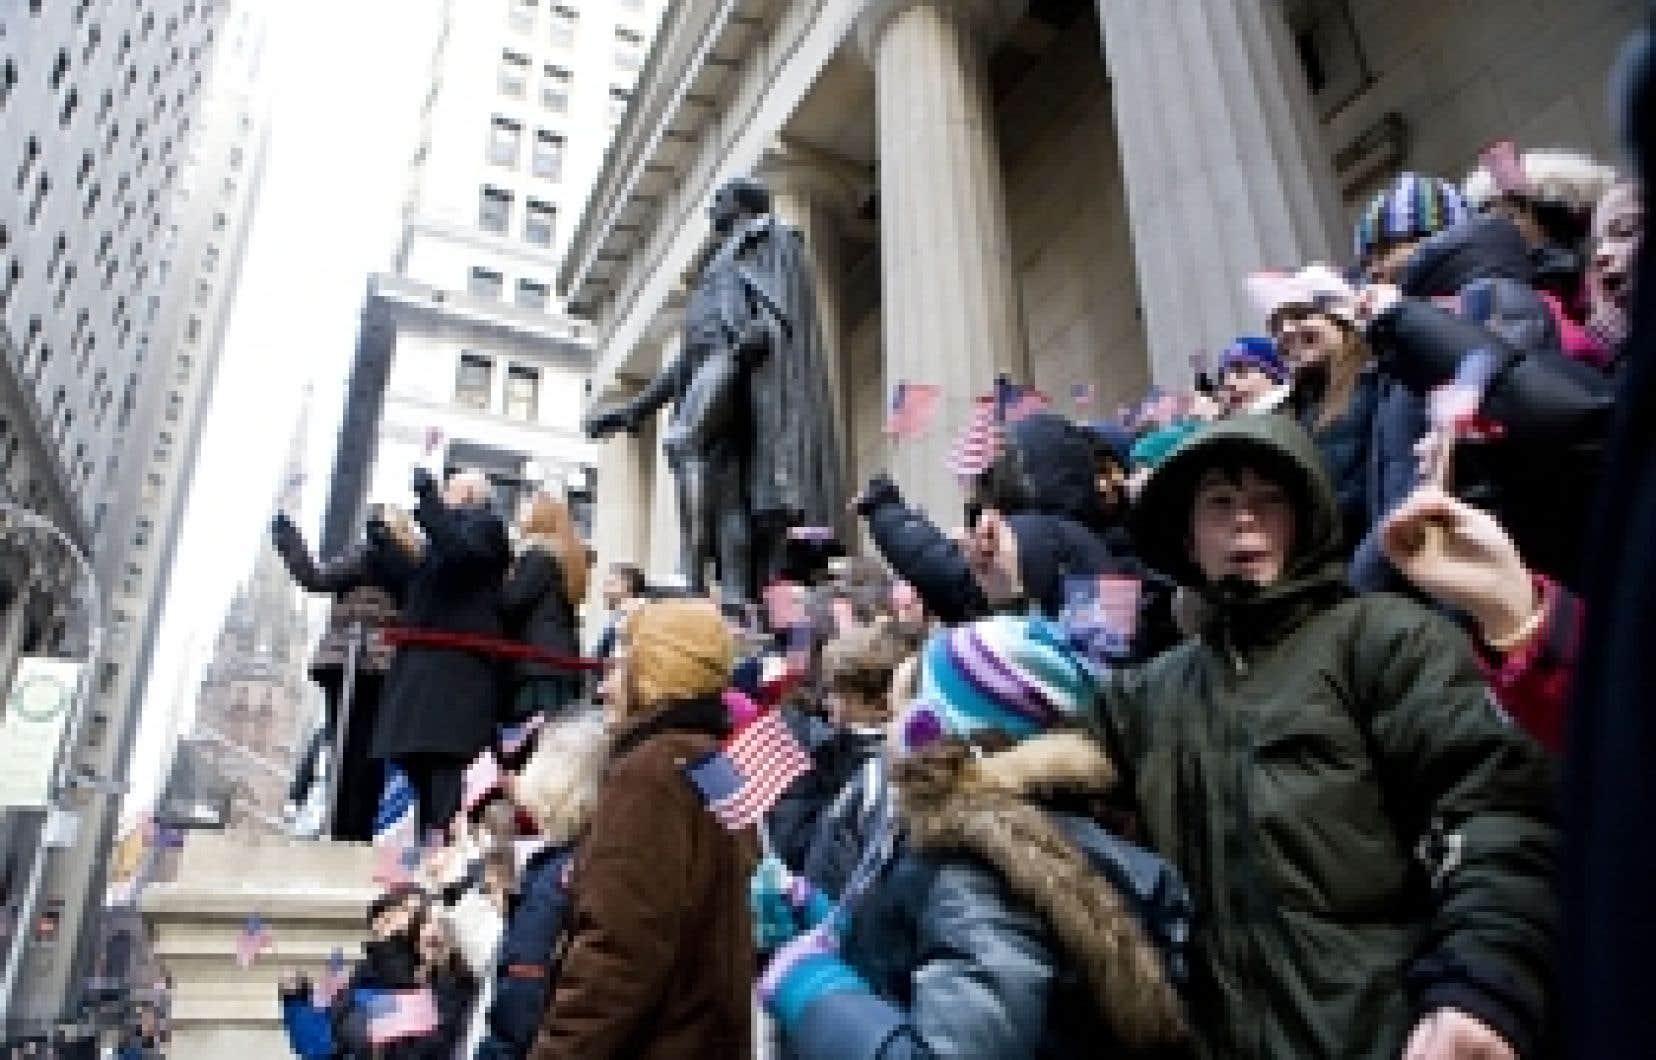 Des écoliers agitent des drapeaux américains pendant que des dignitaires du NYSE sonnent la cloche marquant l'ouverture des échanges à la Bourse de New York. Pour souligner l'investiture du président Barack Obama, la cérémonie quotidienne a ex